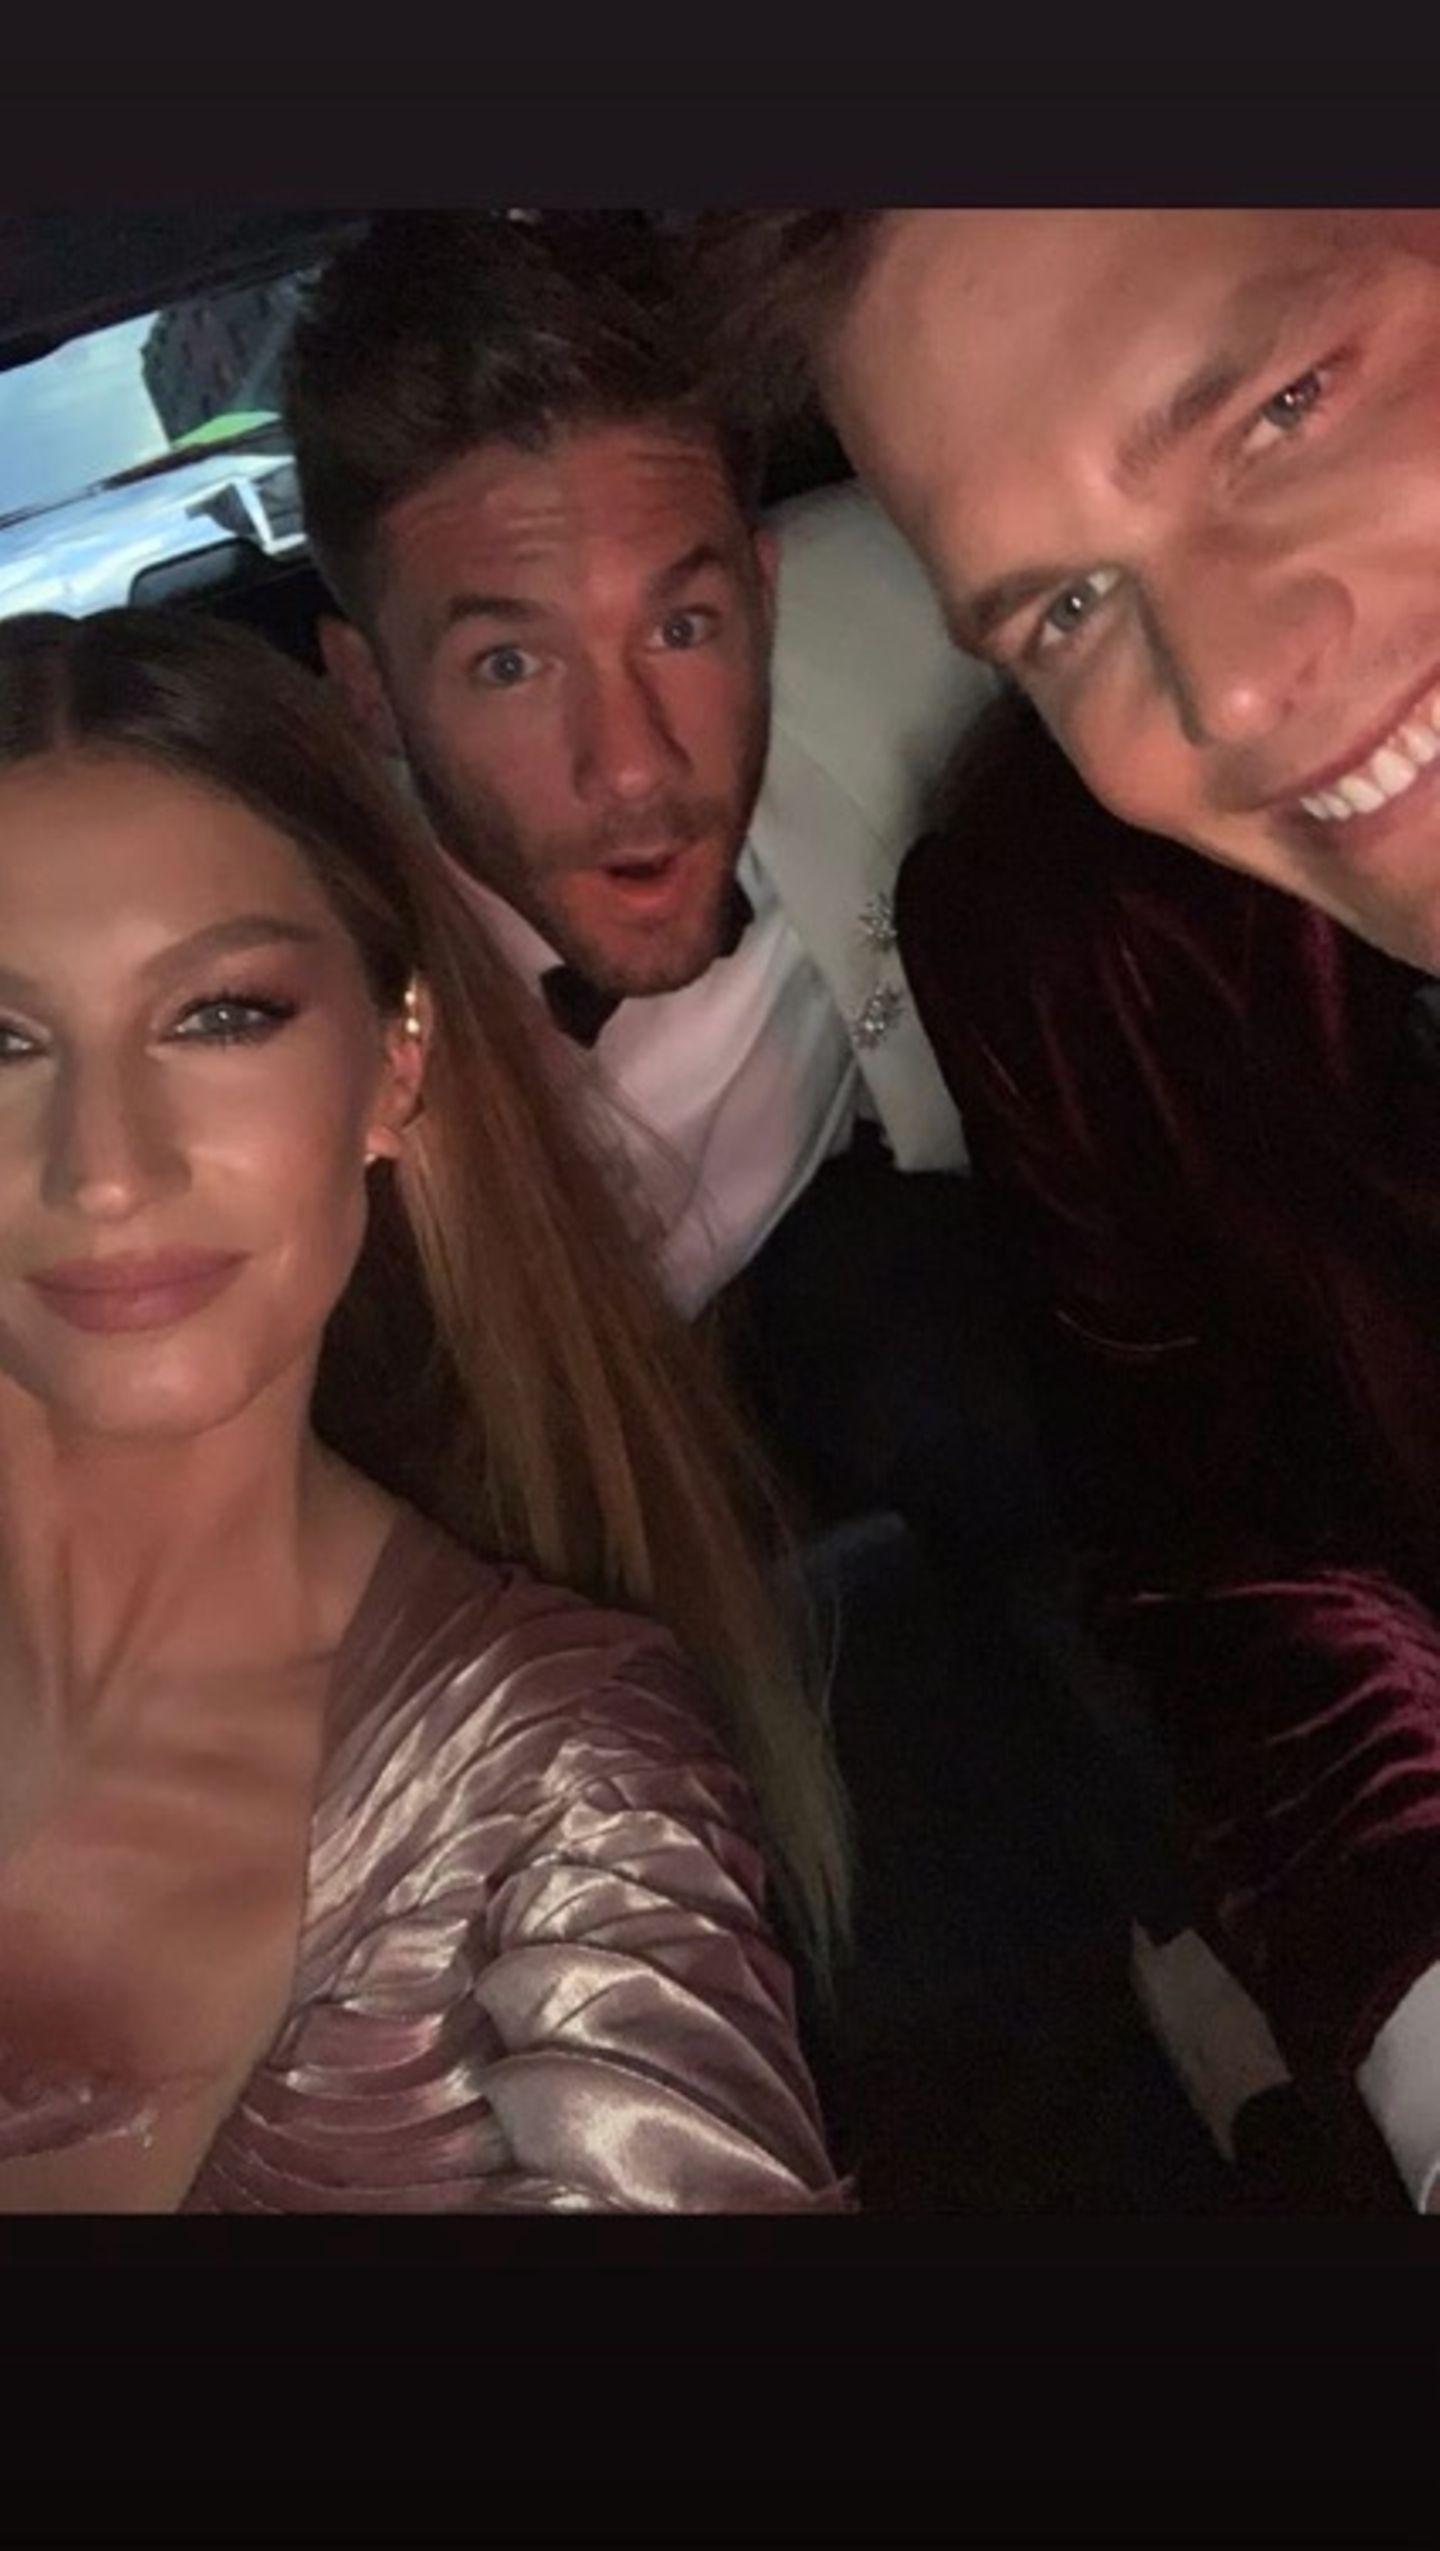 Um das Selfie-verbot auf der Met Gala zu umgehen, knipsen Gisele Bündchen und Ehemann Tom Brady im Auto ein letztes Erinnerungsfoto.